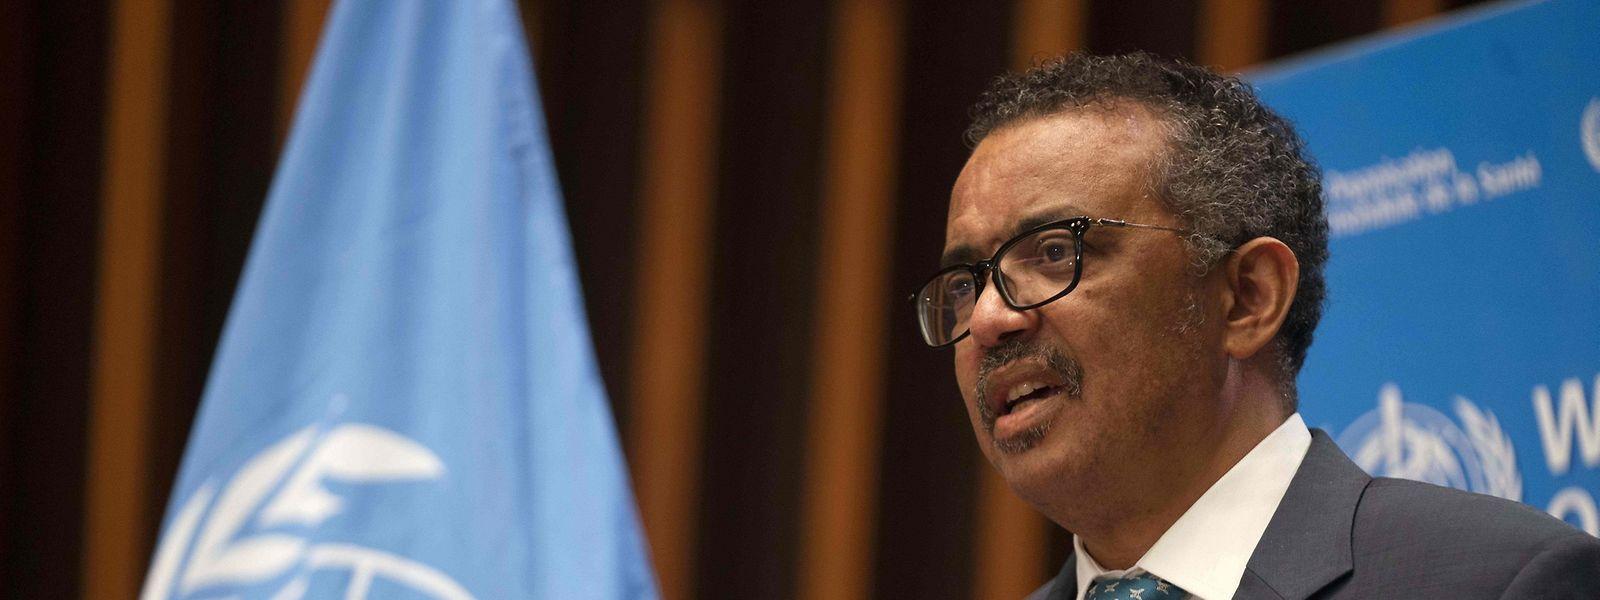 Der Generaldirektor der Weltgesundheitsorganisation, Tedros Adhanom Ghebreyesus, ist ins Kreuzfeuer der Kritik geraten.